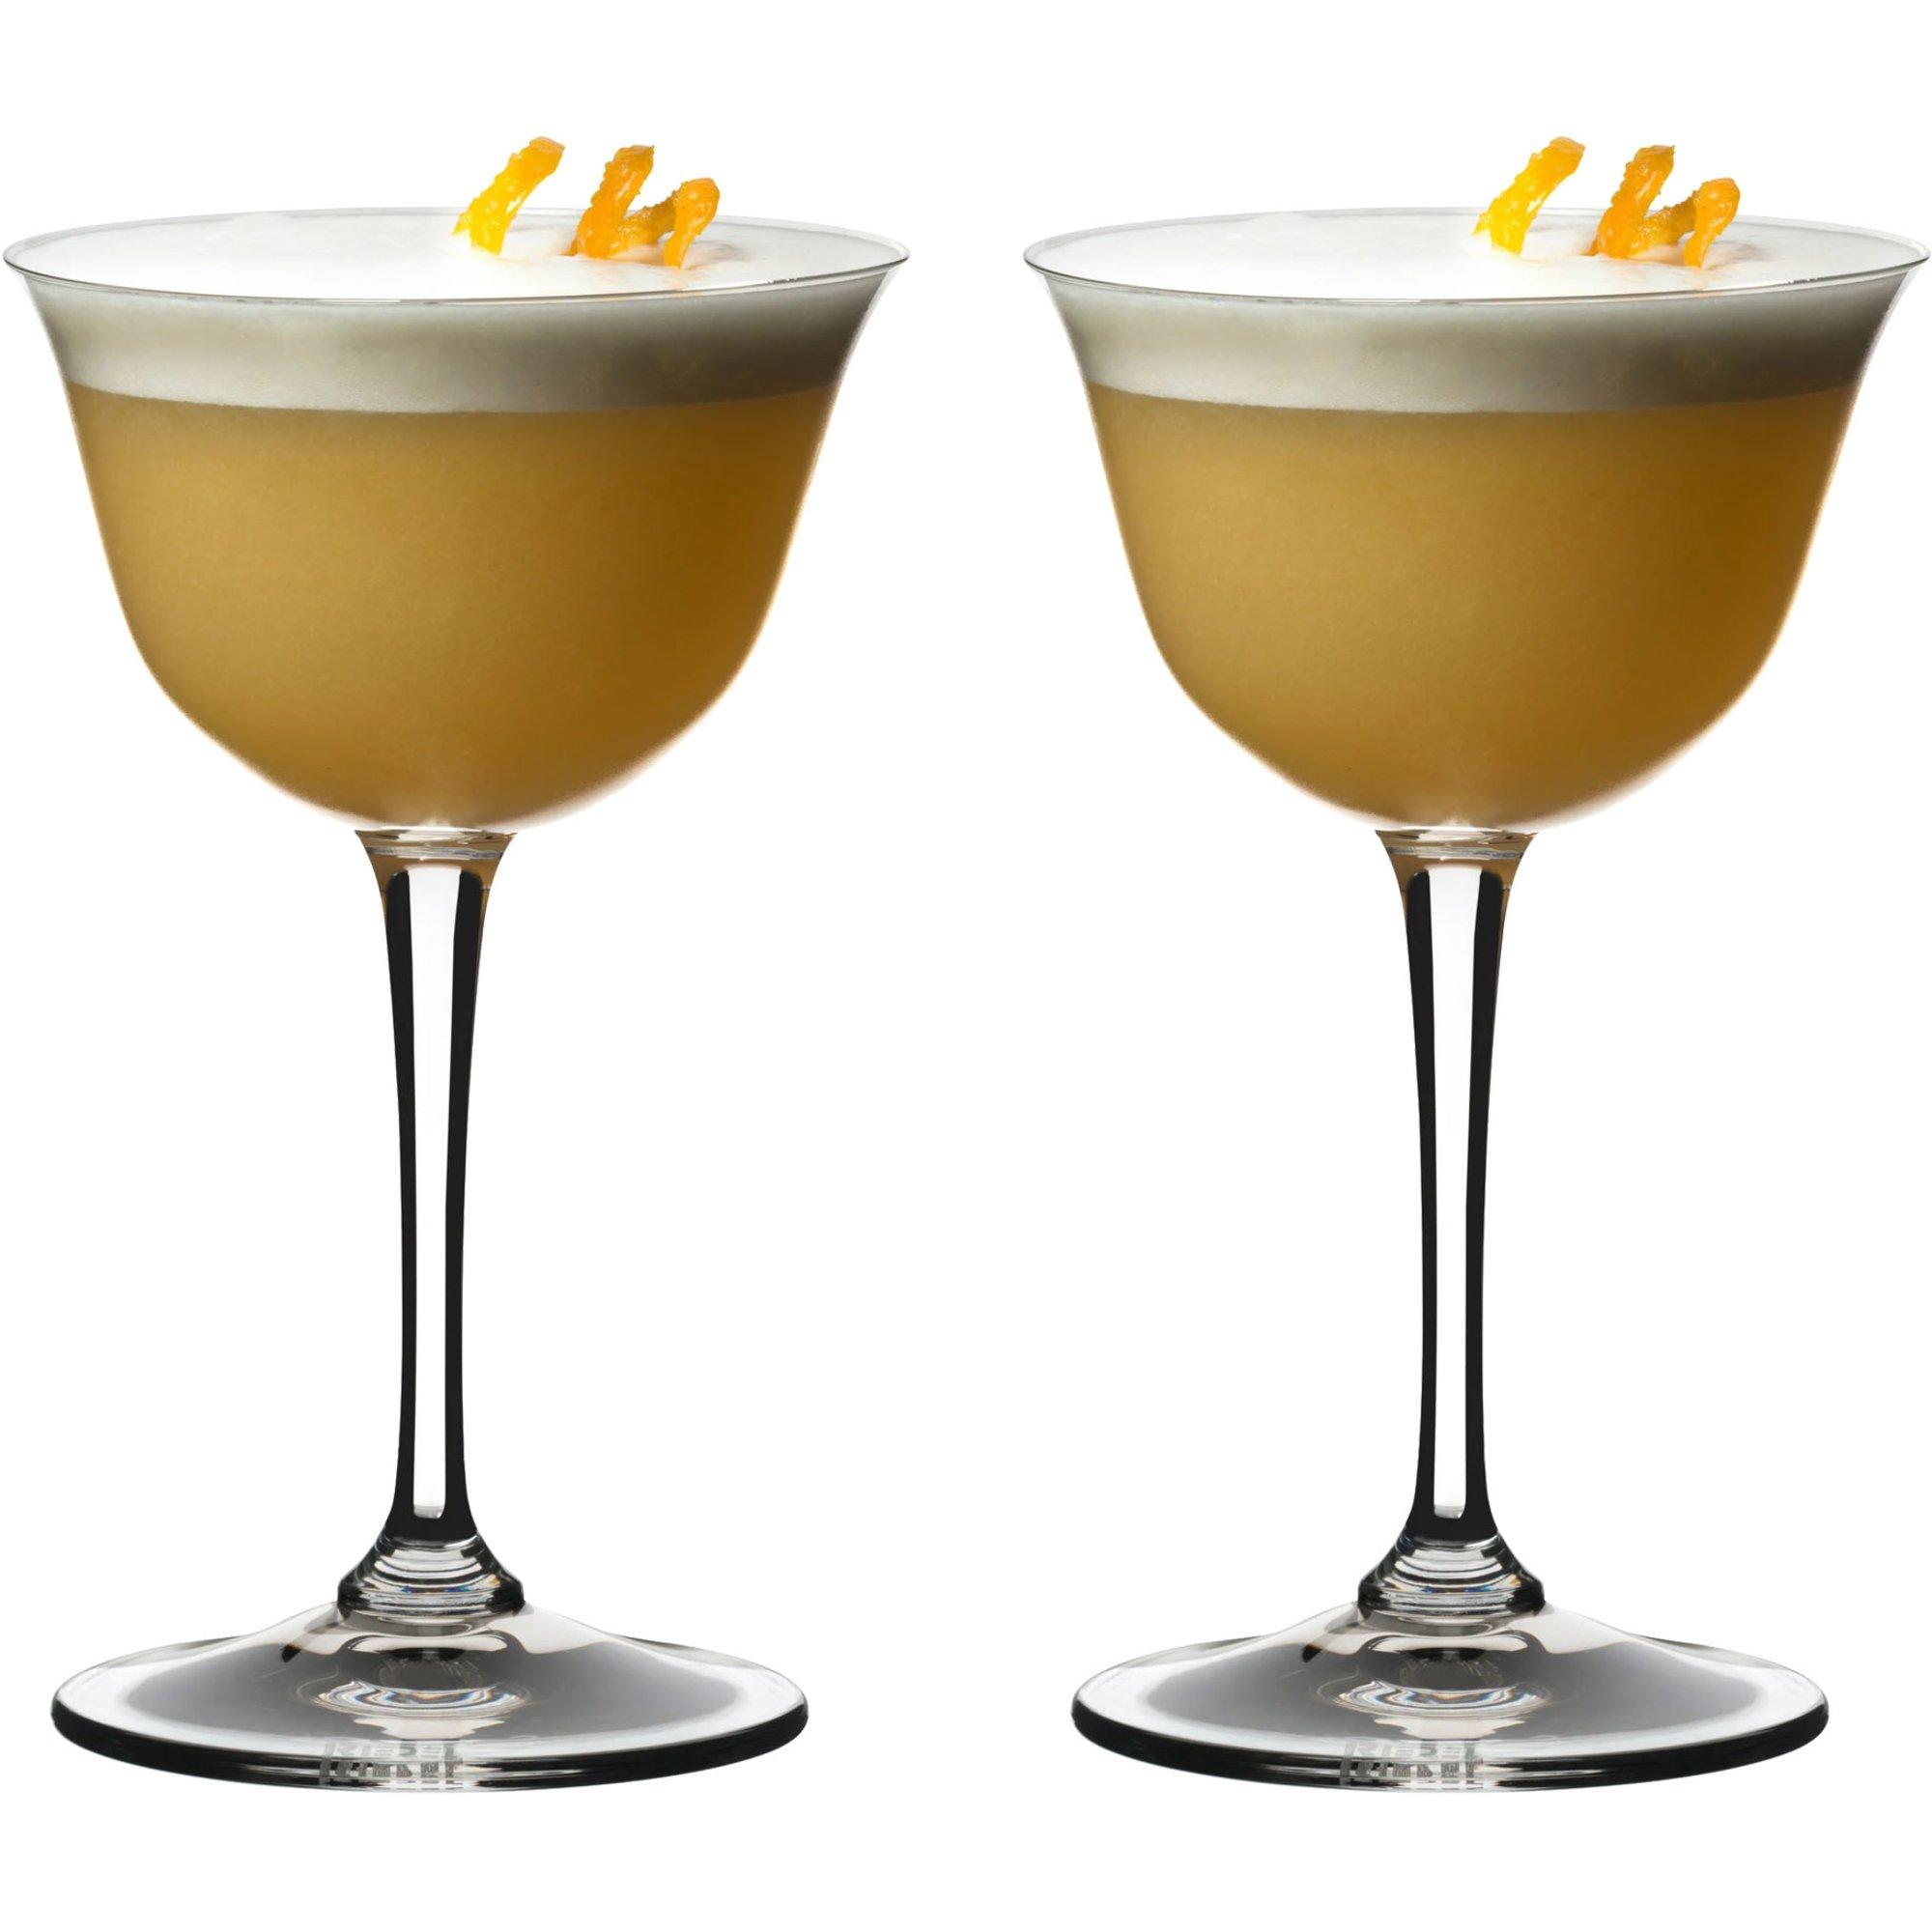 Riedel Sour drinkglas från Drink Specific 2 st.